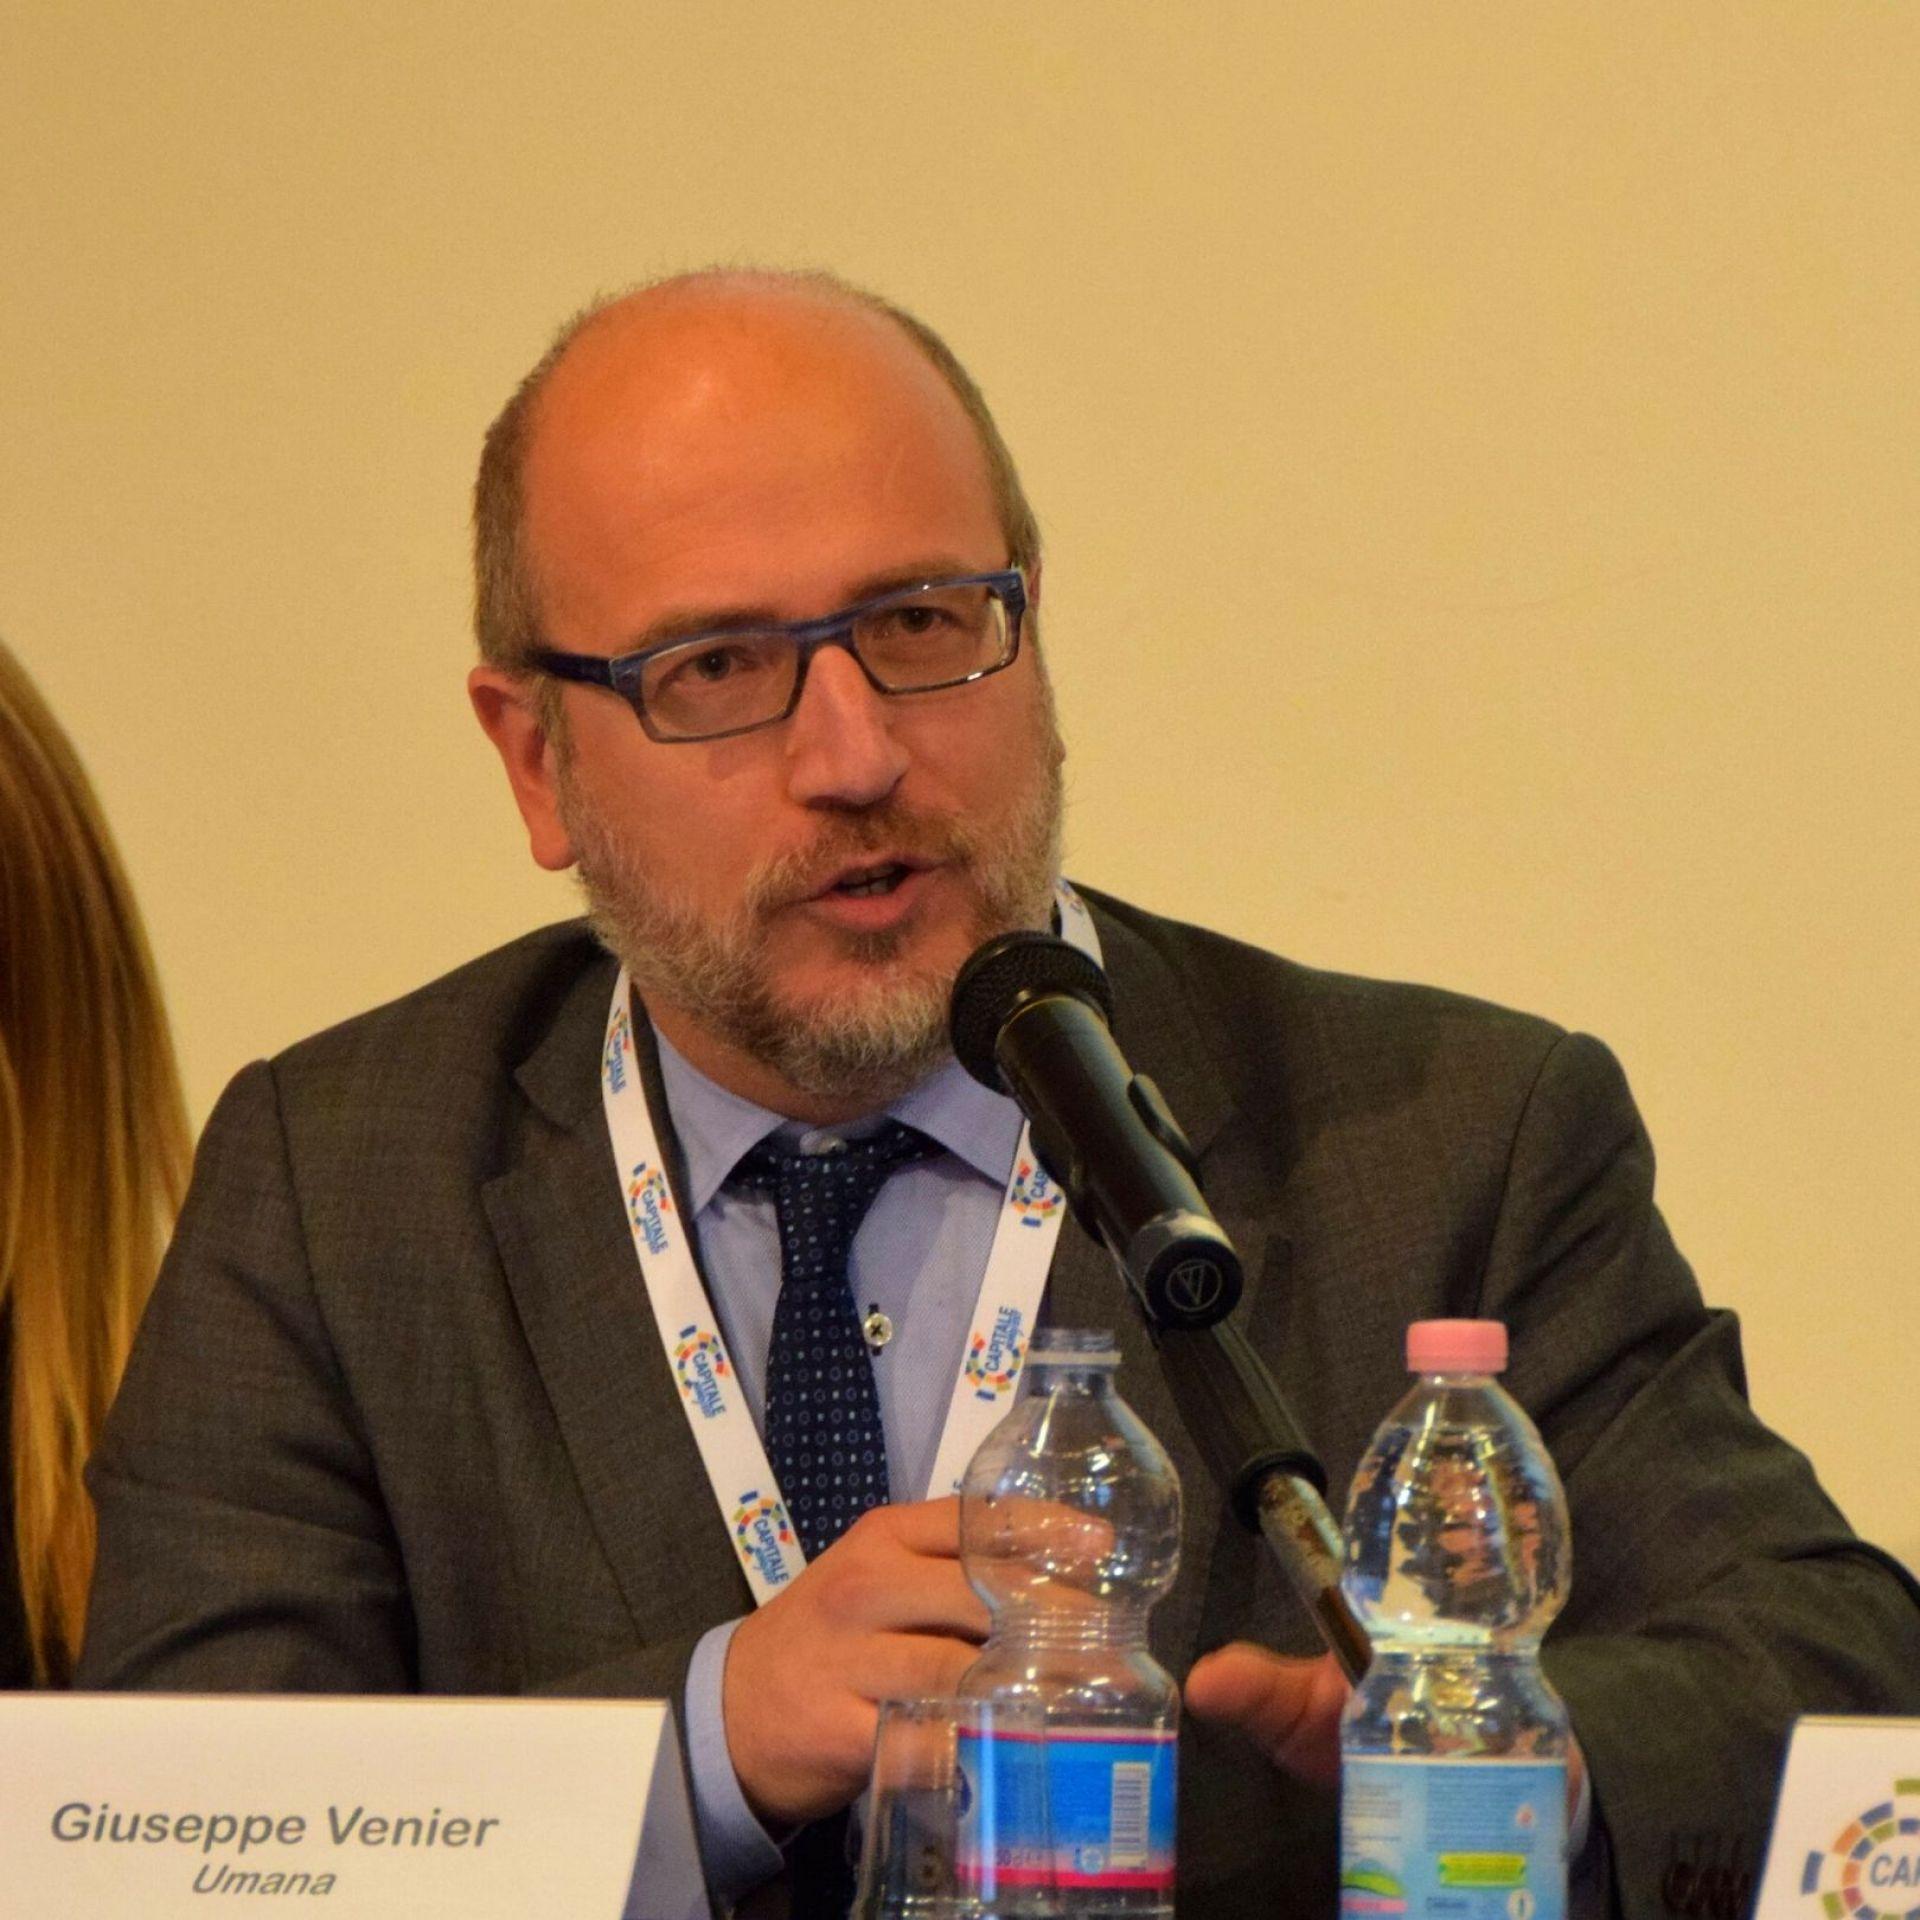 Giuseppe Venier